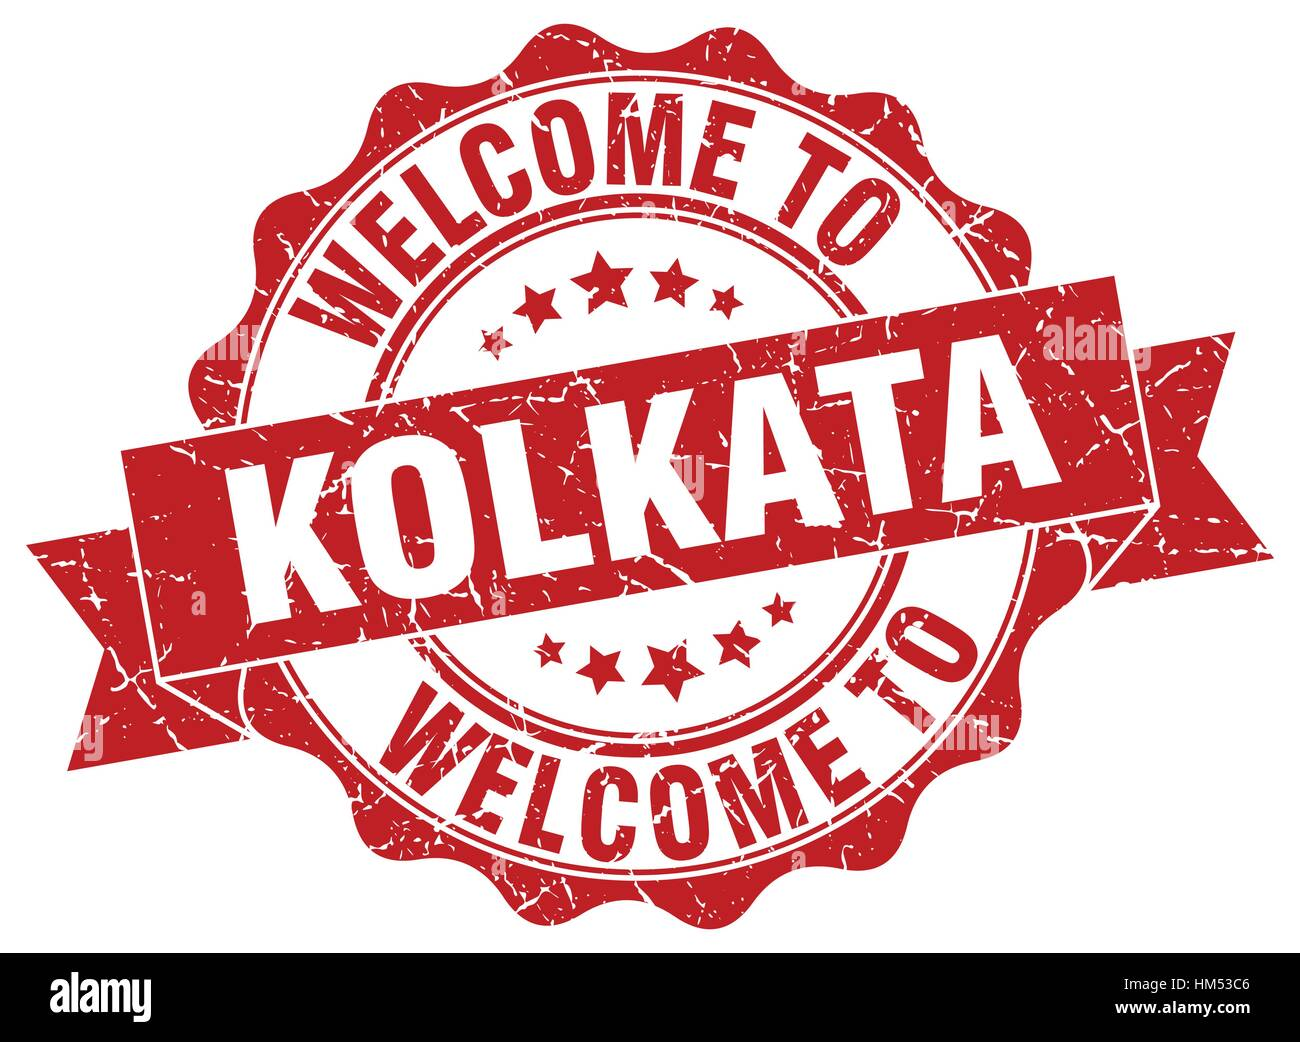 Kolkata round ribbon seal - Stock Vector